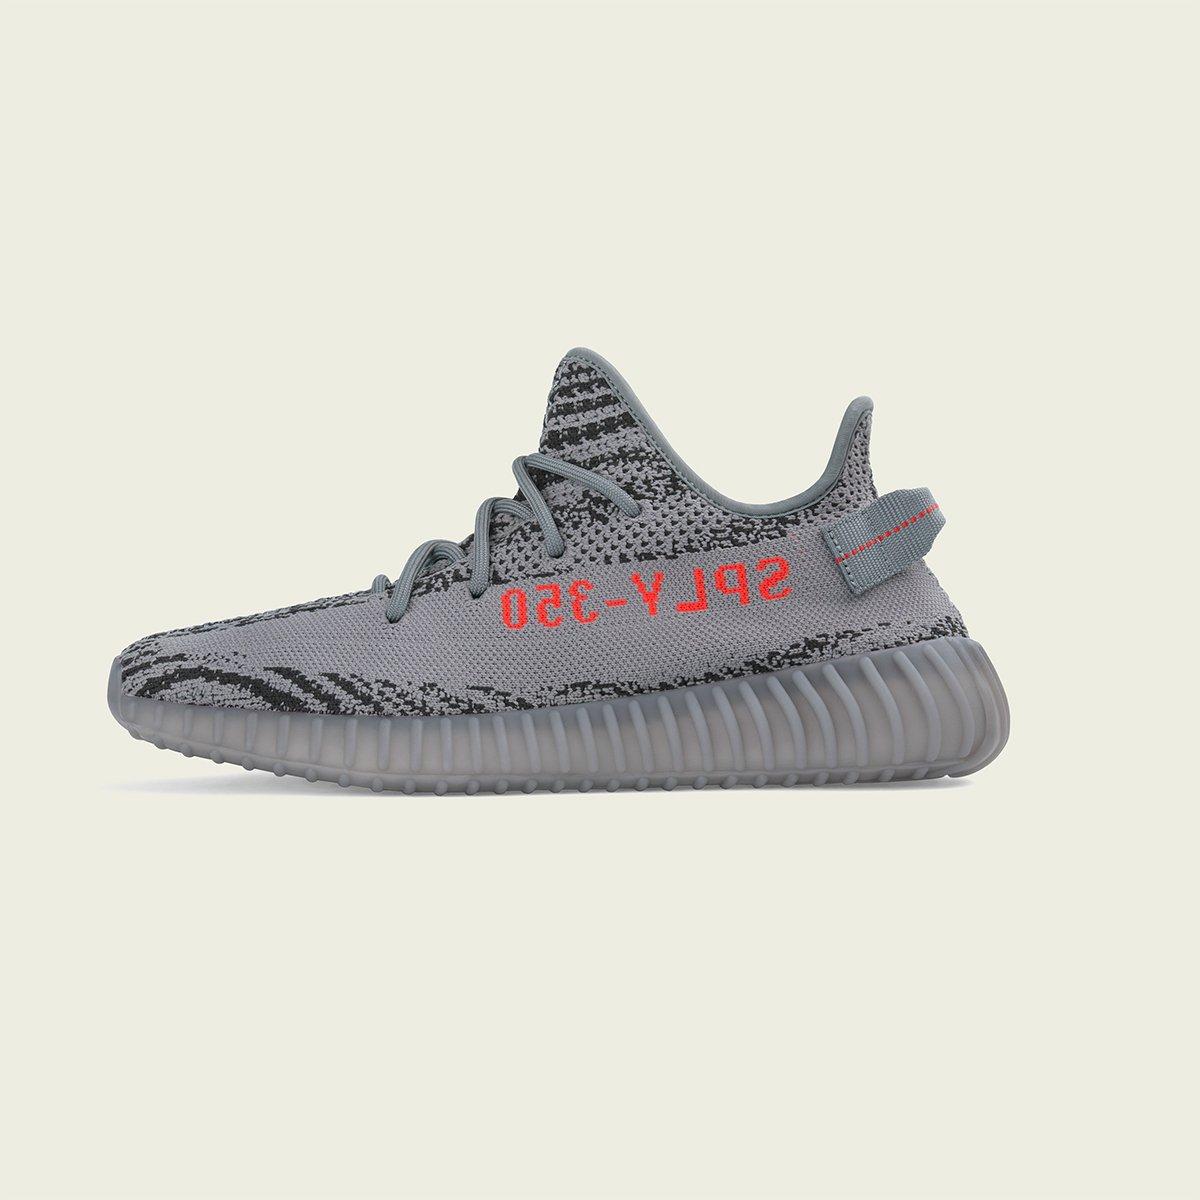 adidas YEEZY BOOST 350 V2 'Grey